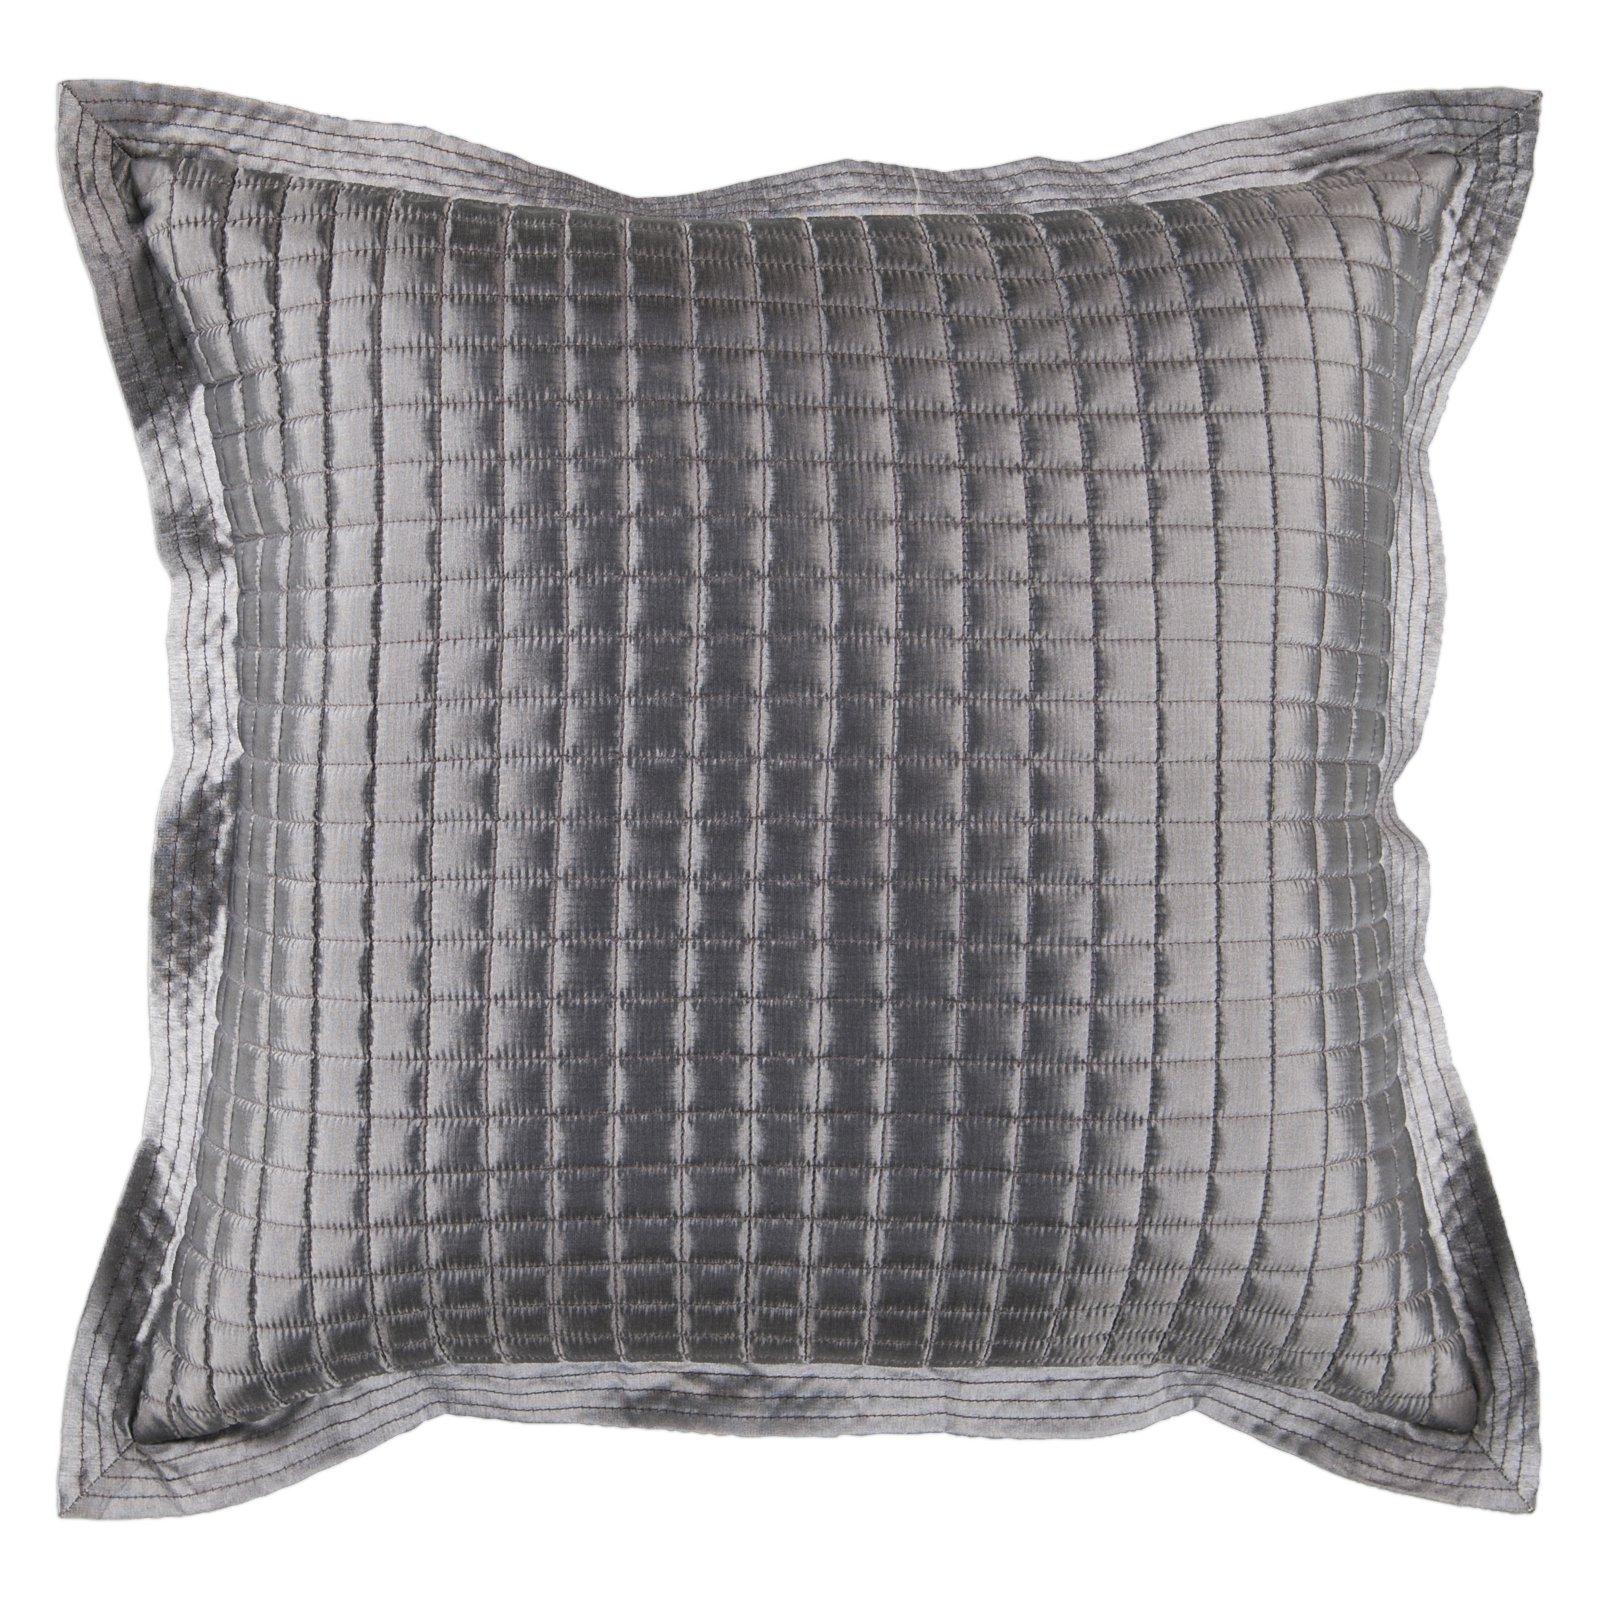 Surya Tiles Decorative Throw Pillow